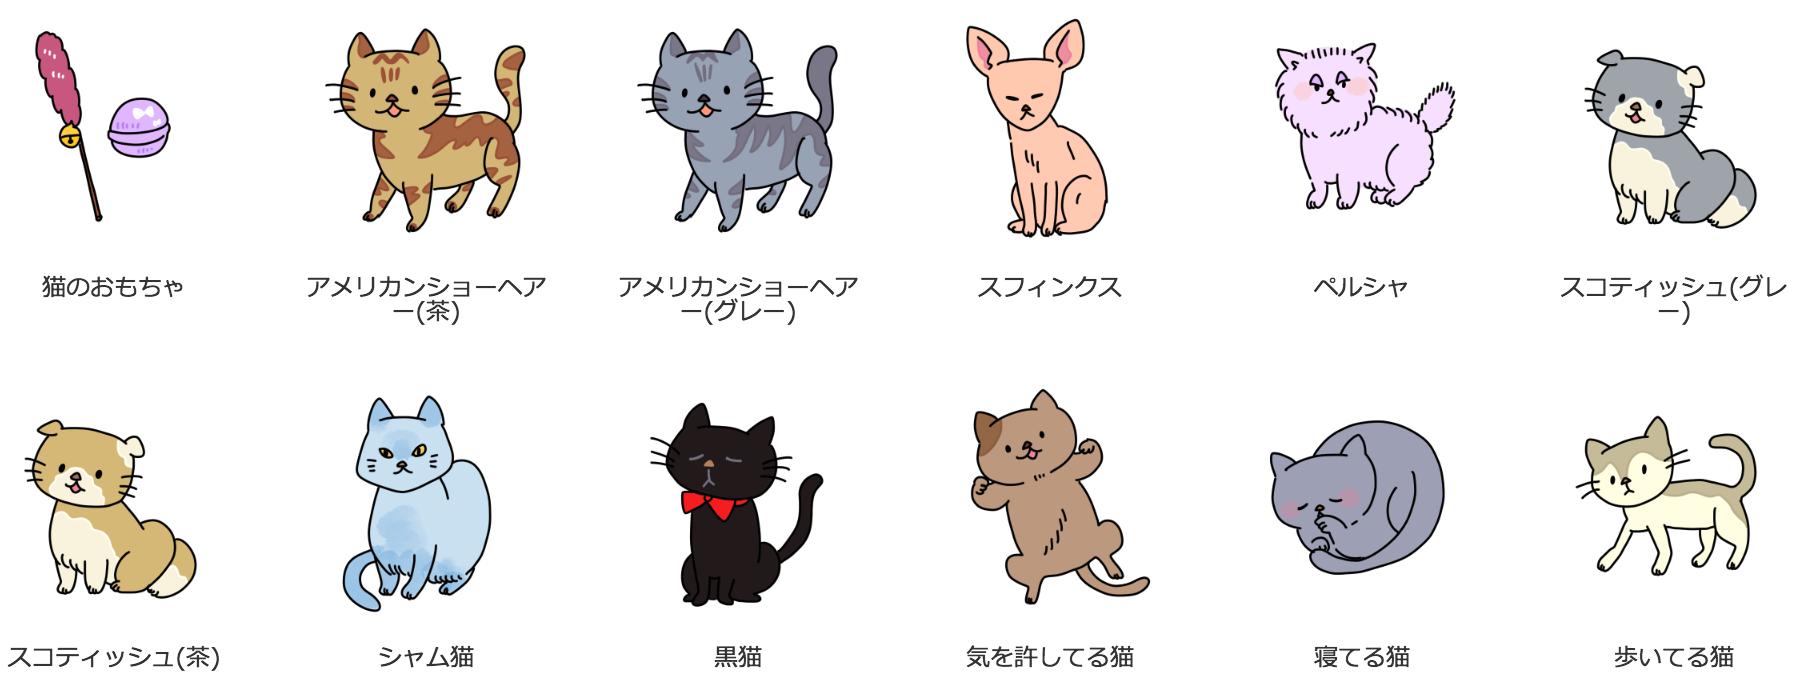 黒猫の無料イラスト集【可愛い系 / かっこいい・オシャレ系タイプ別に